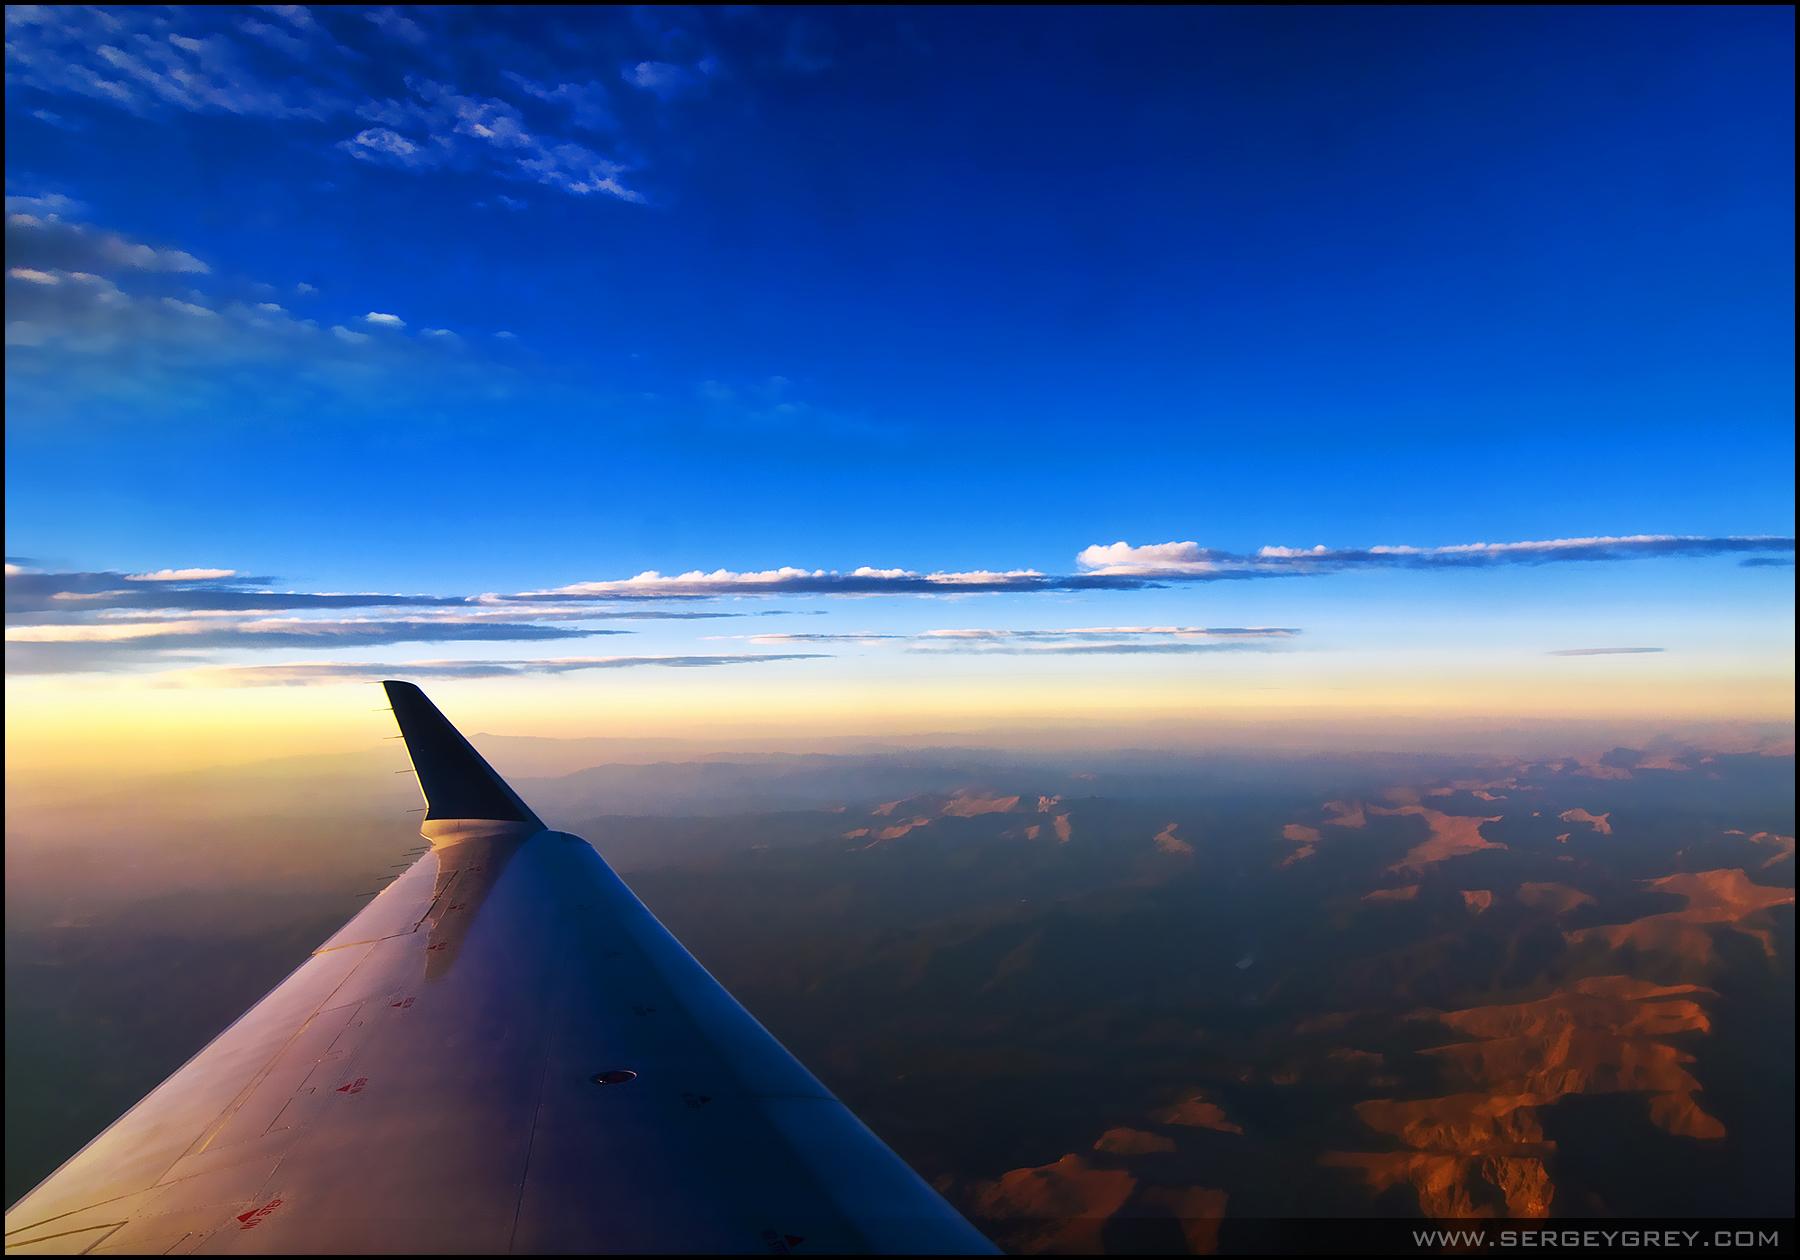 SkyForm_SergeyGreyCom.jpg